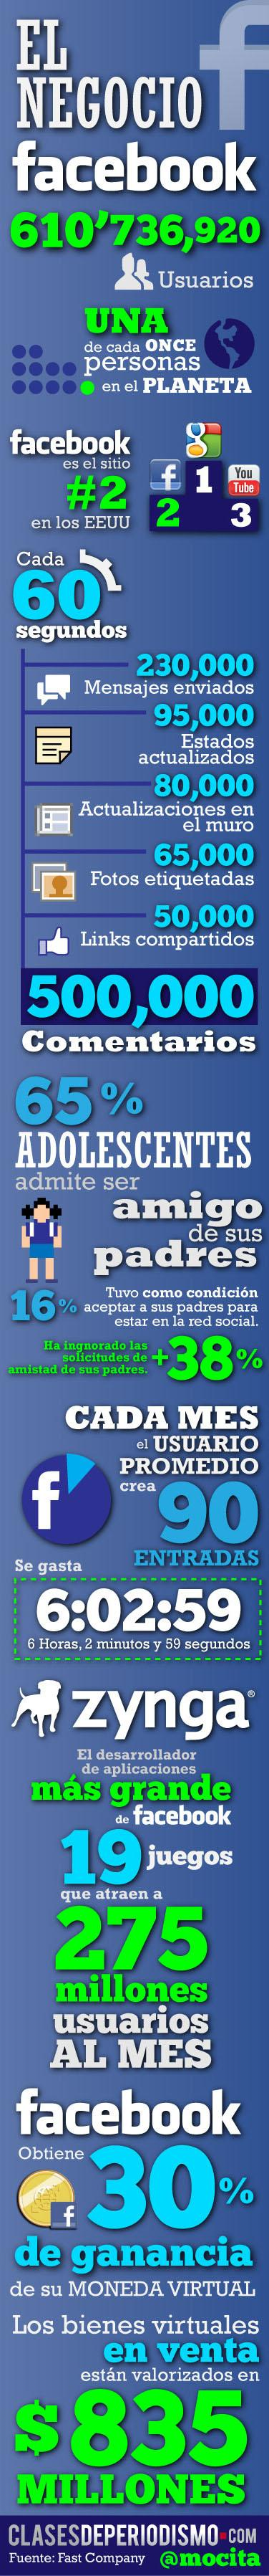 Facebook en cifras